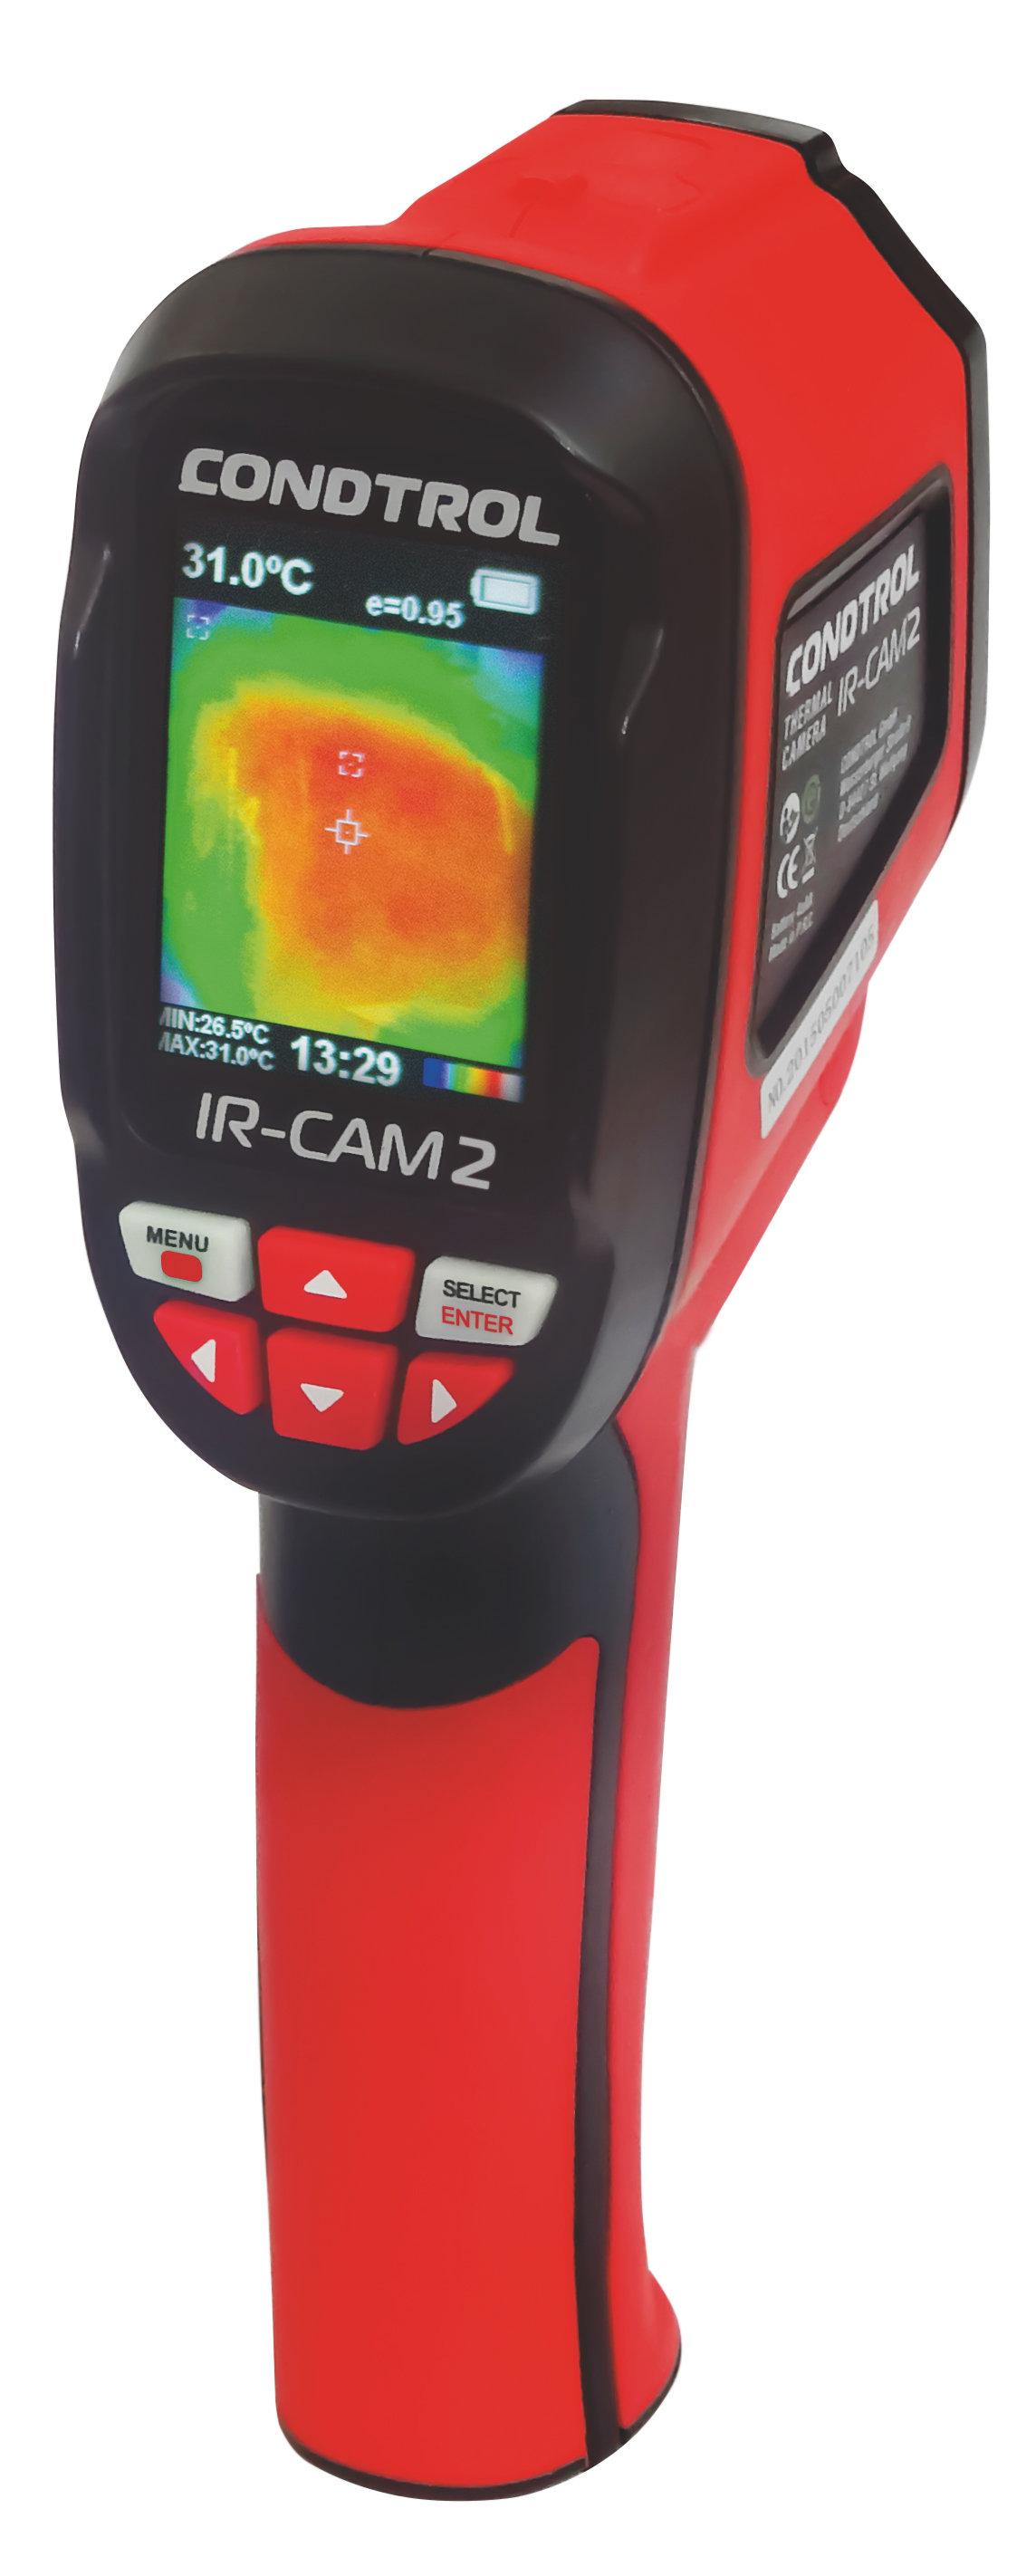 Тепловизор Condtrol Ir-cam 2